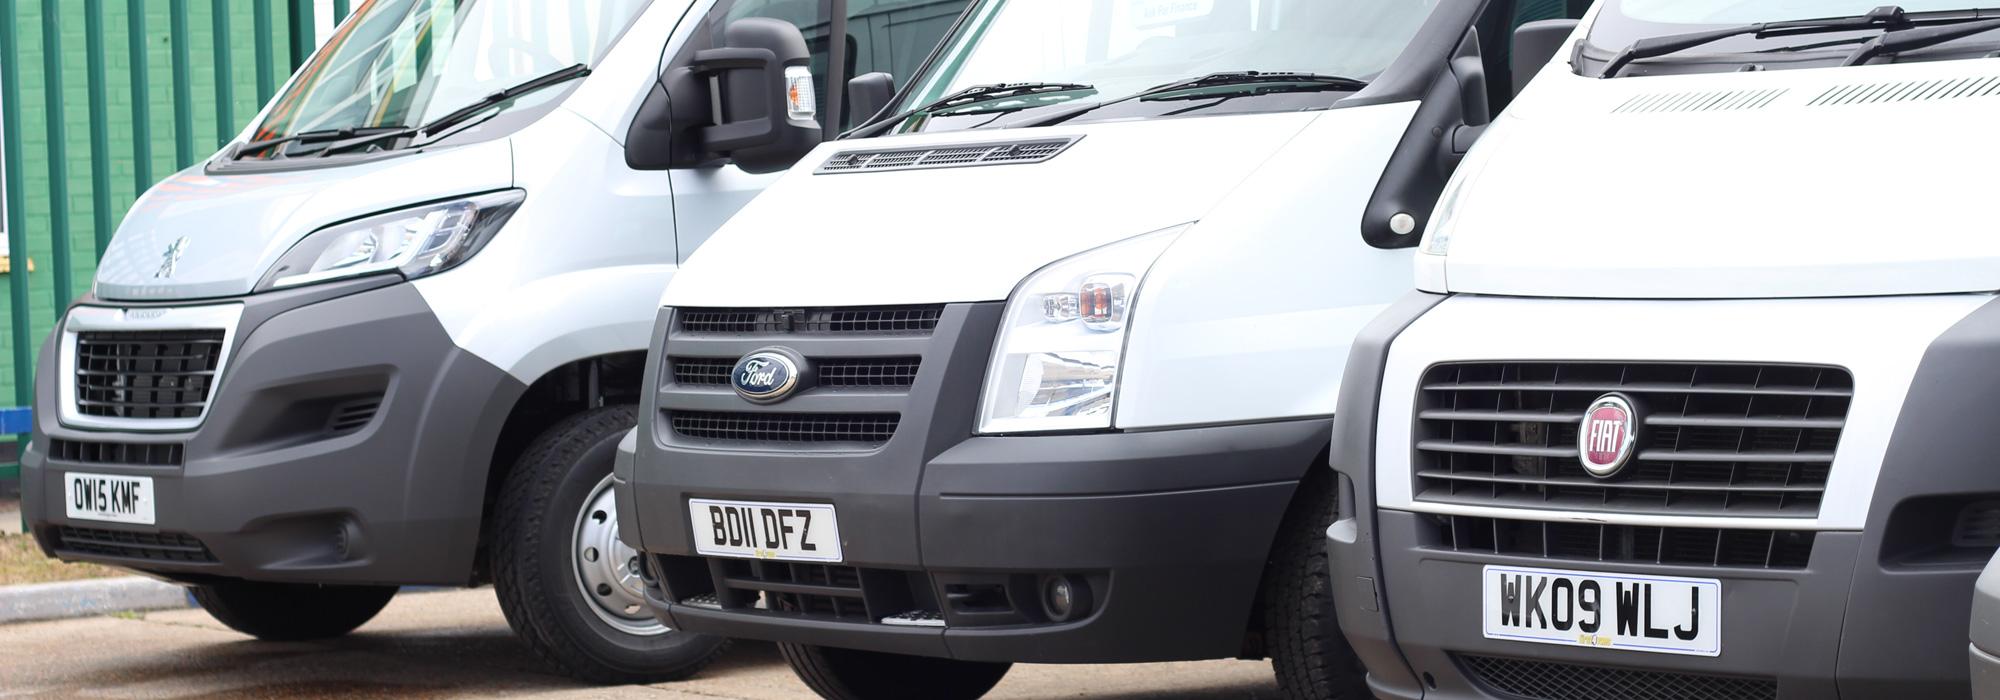 Vans For Sale Merstham